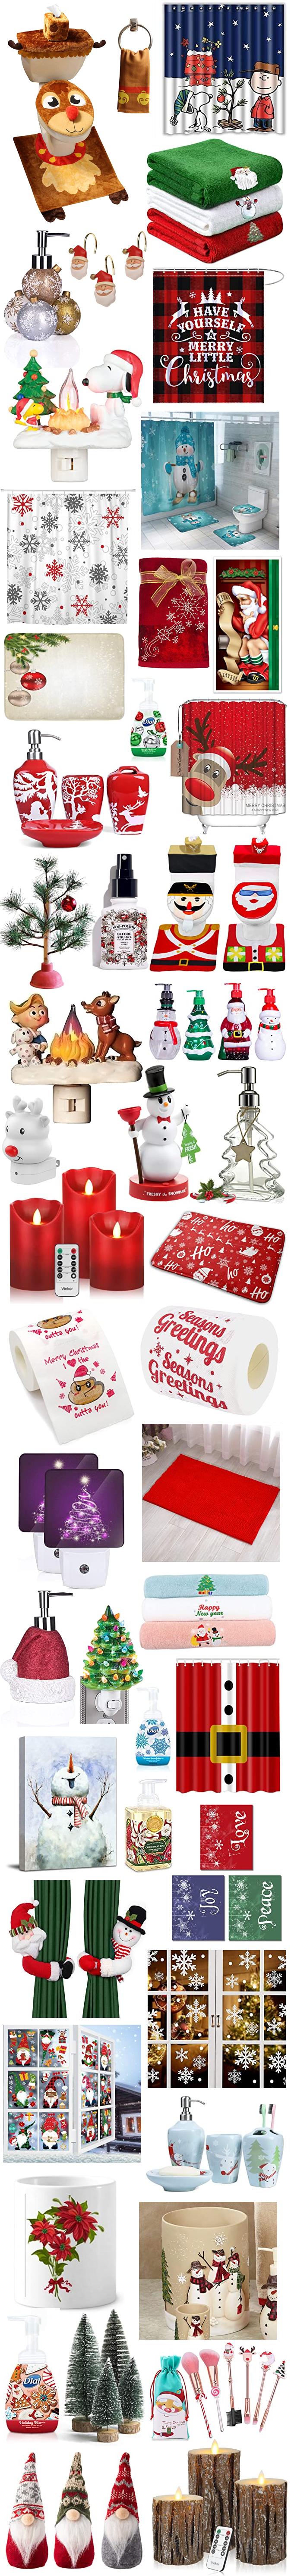 Christmas-Bathroom-Decor